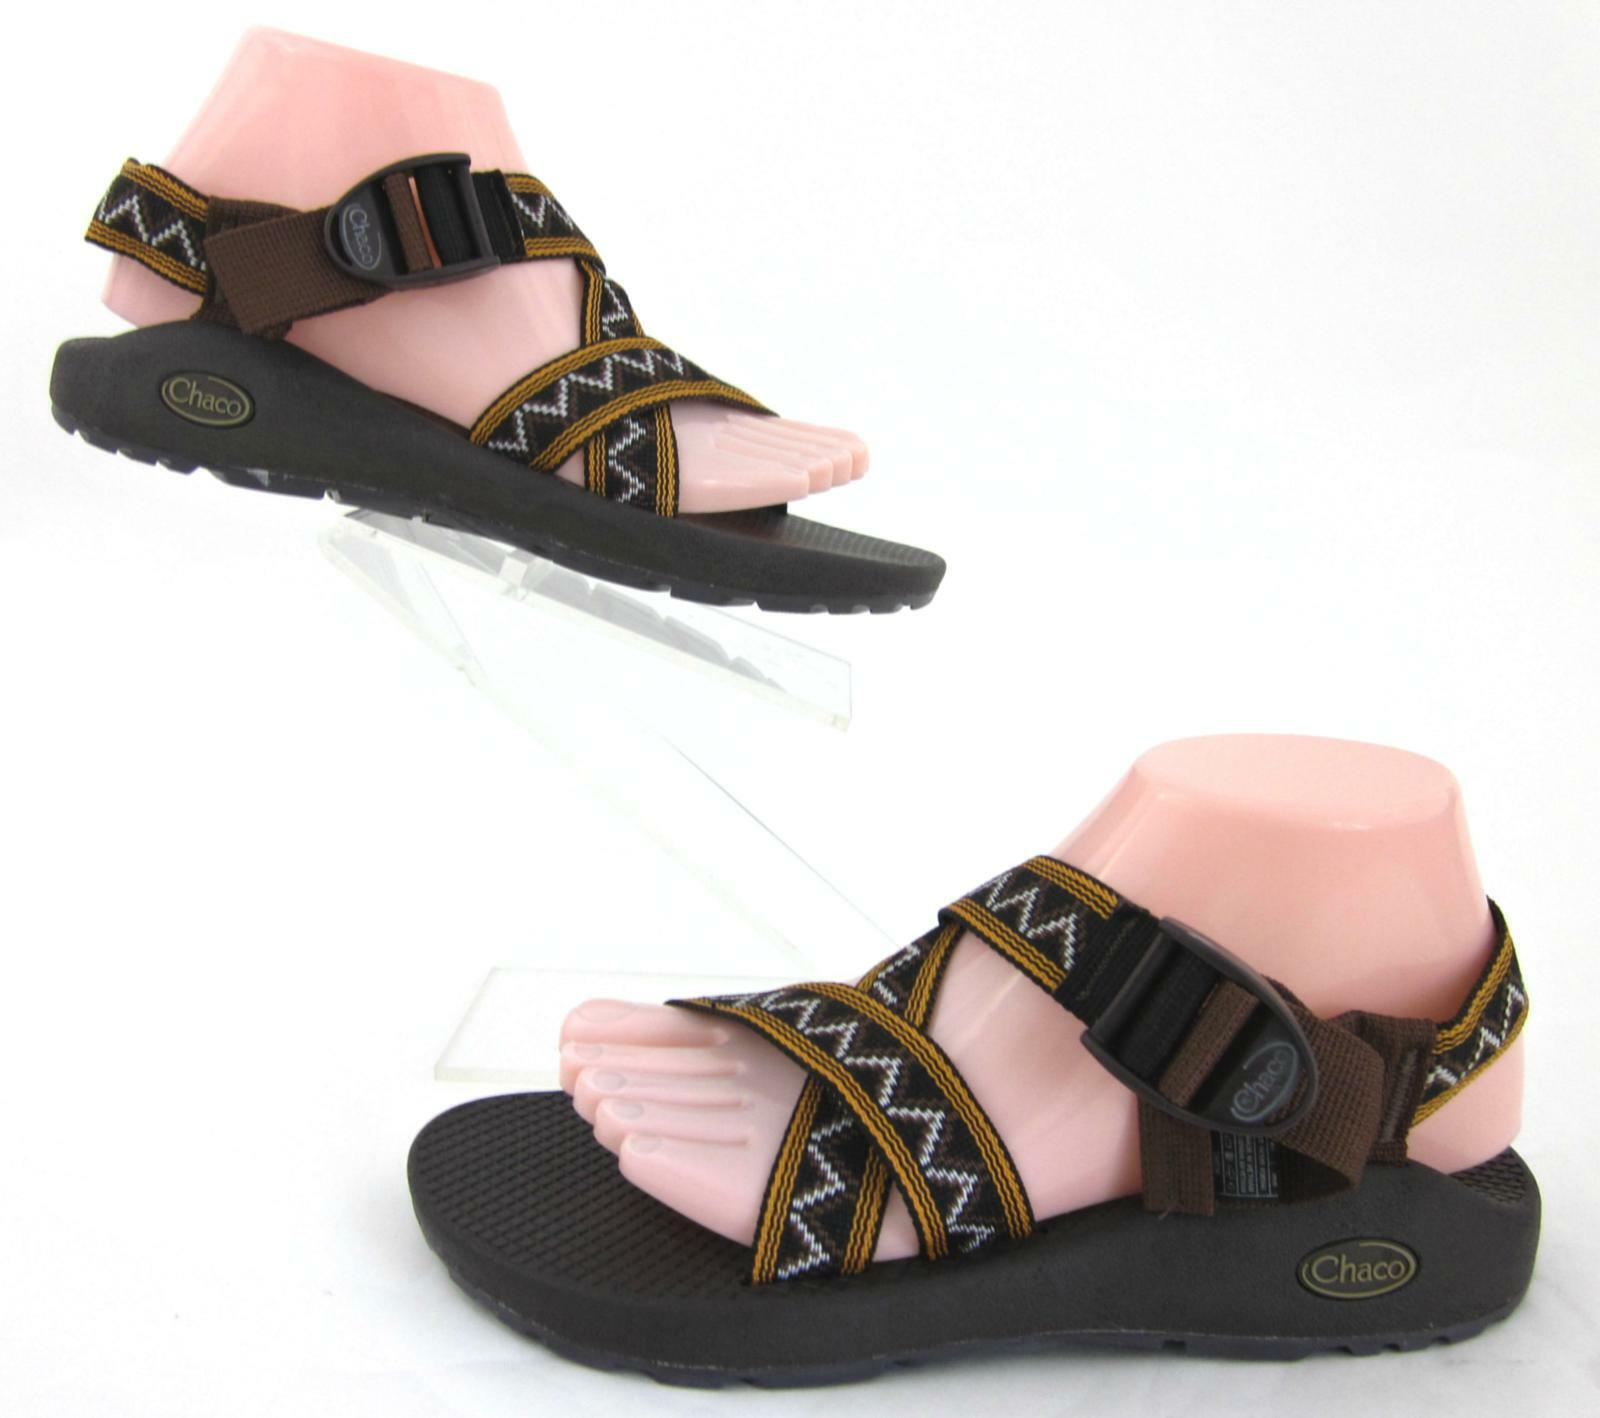 NEW  Chaco Mens Z 1 Classic Sandals marrón Aztec Print US 7